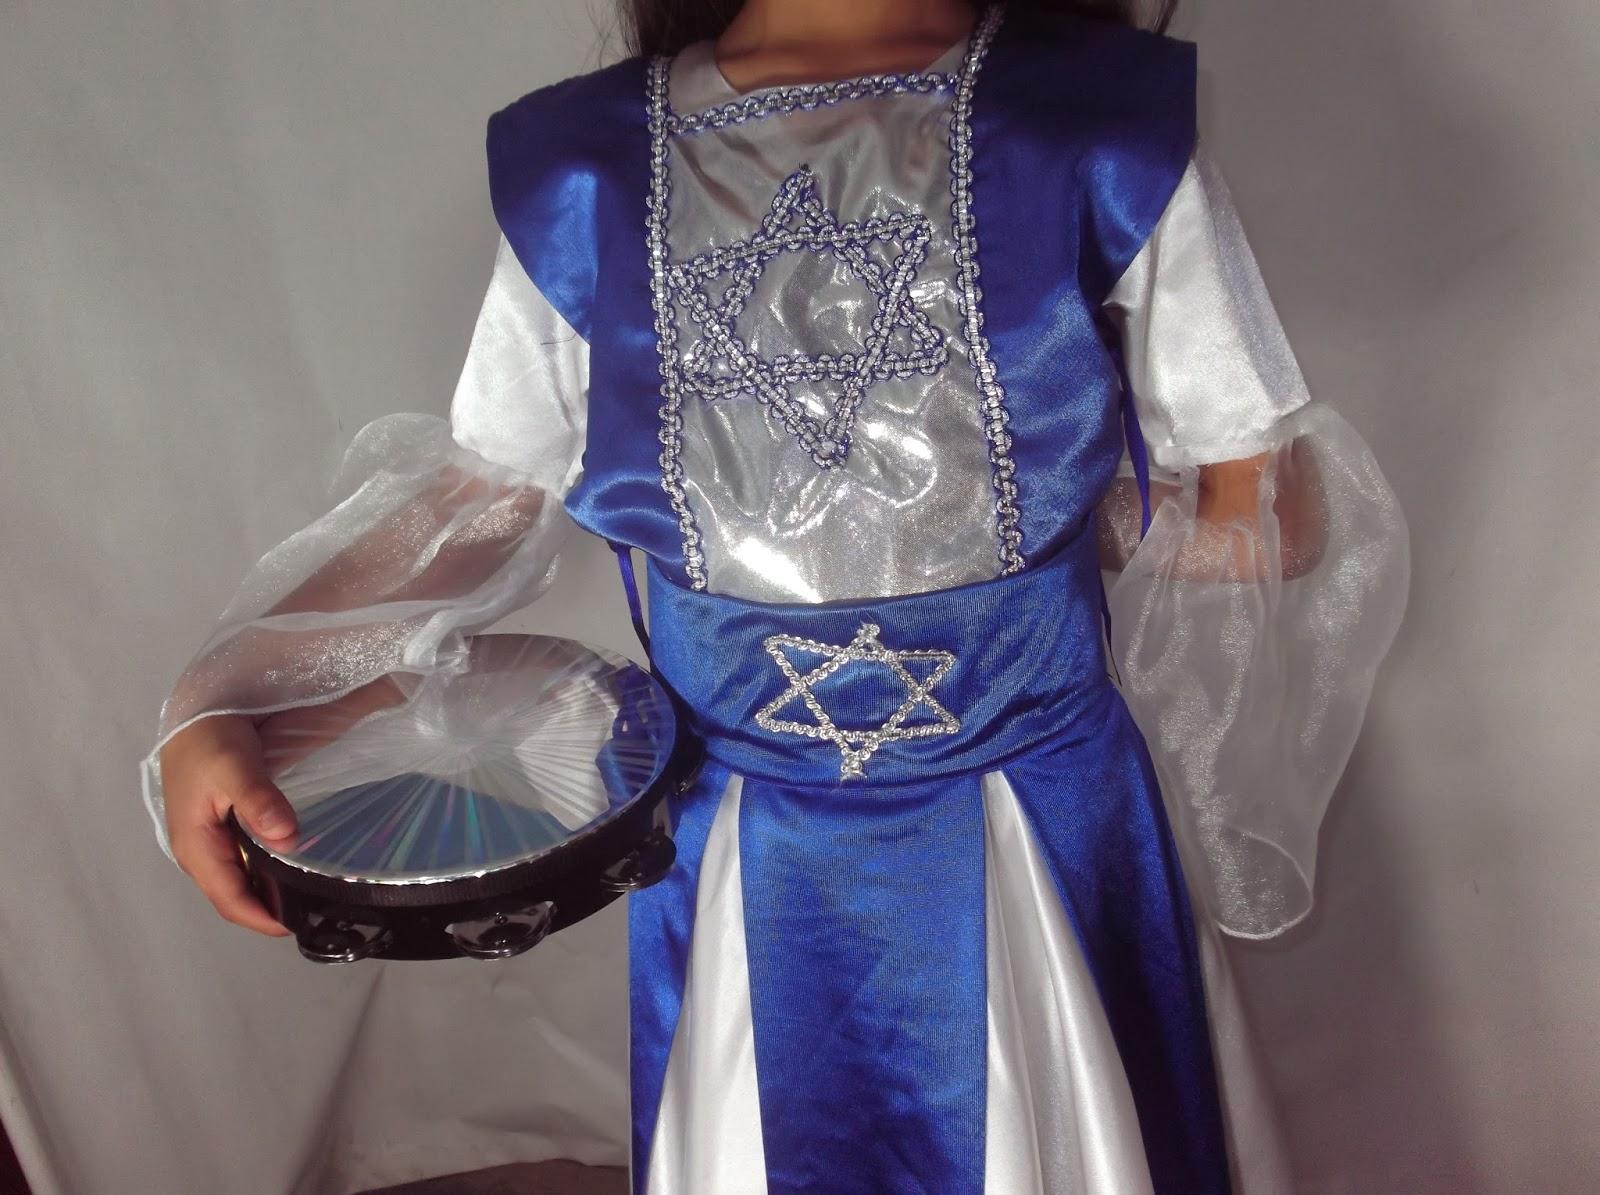 Confeccion De Vestiduras E Instrumentos De Danza Cristiana